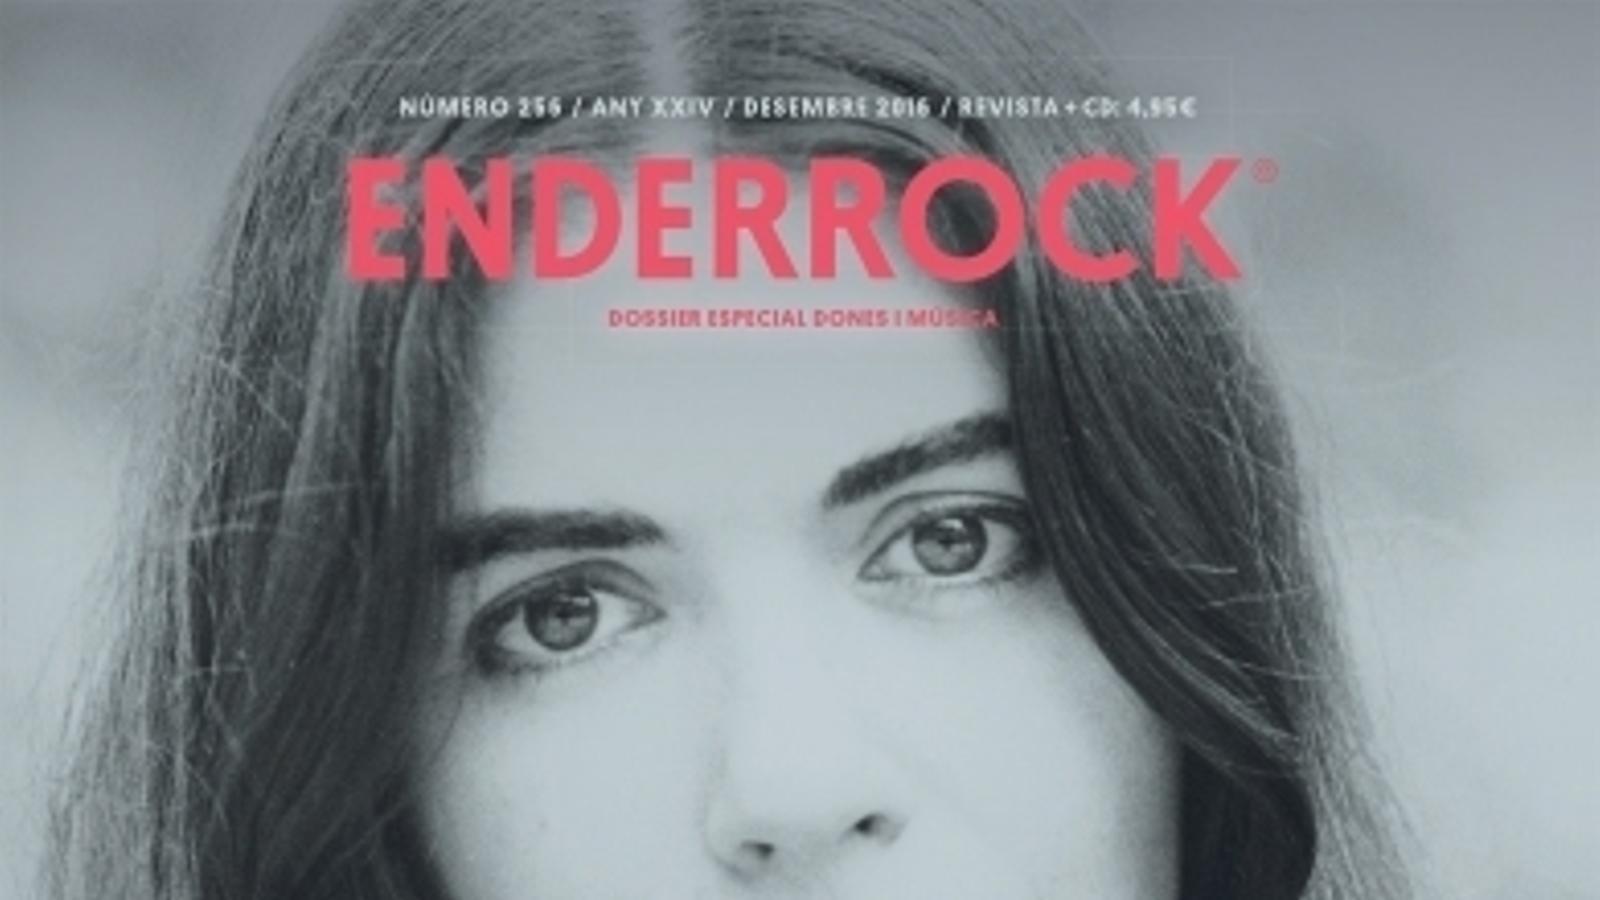 Enderrock 2017